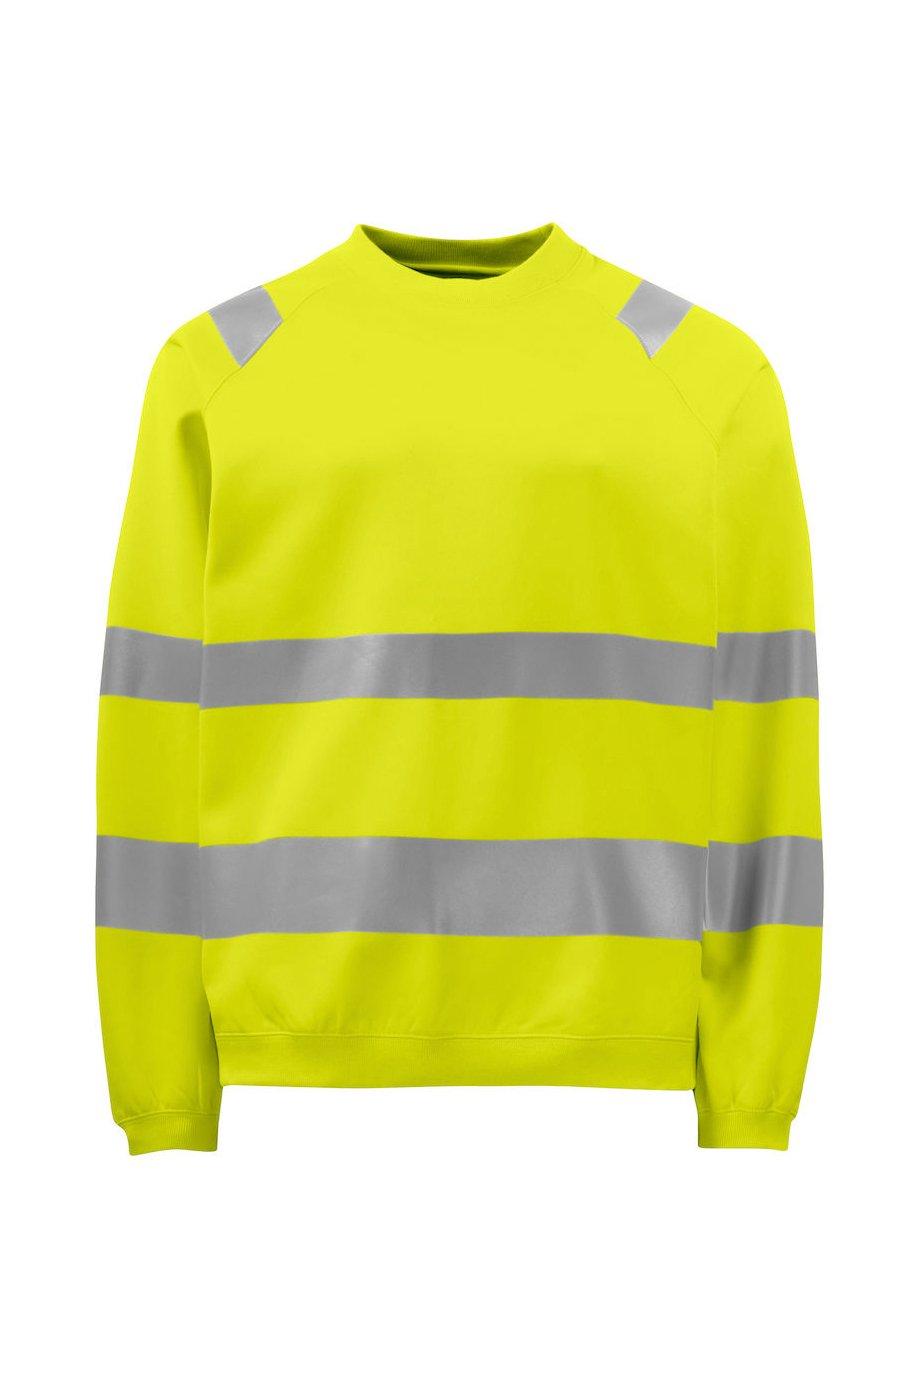 Sweatshirt EN ISO 20471 Klasse 3, gelb